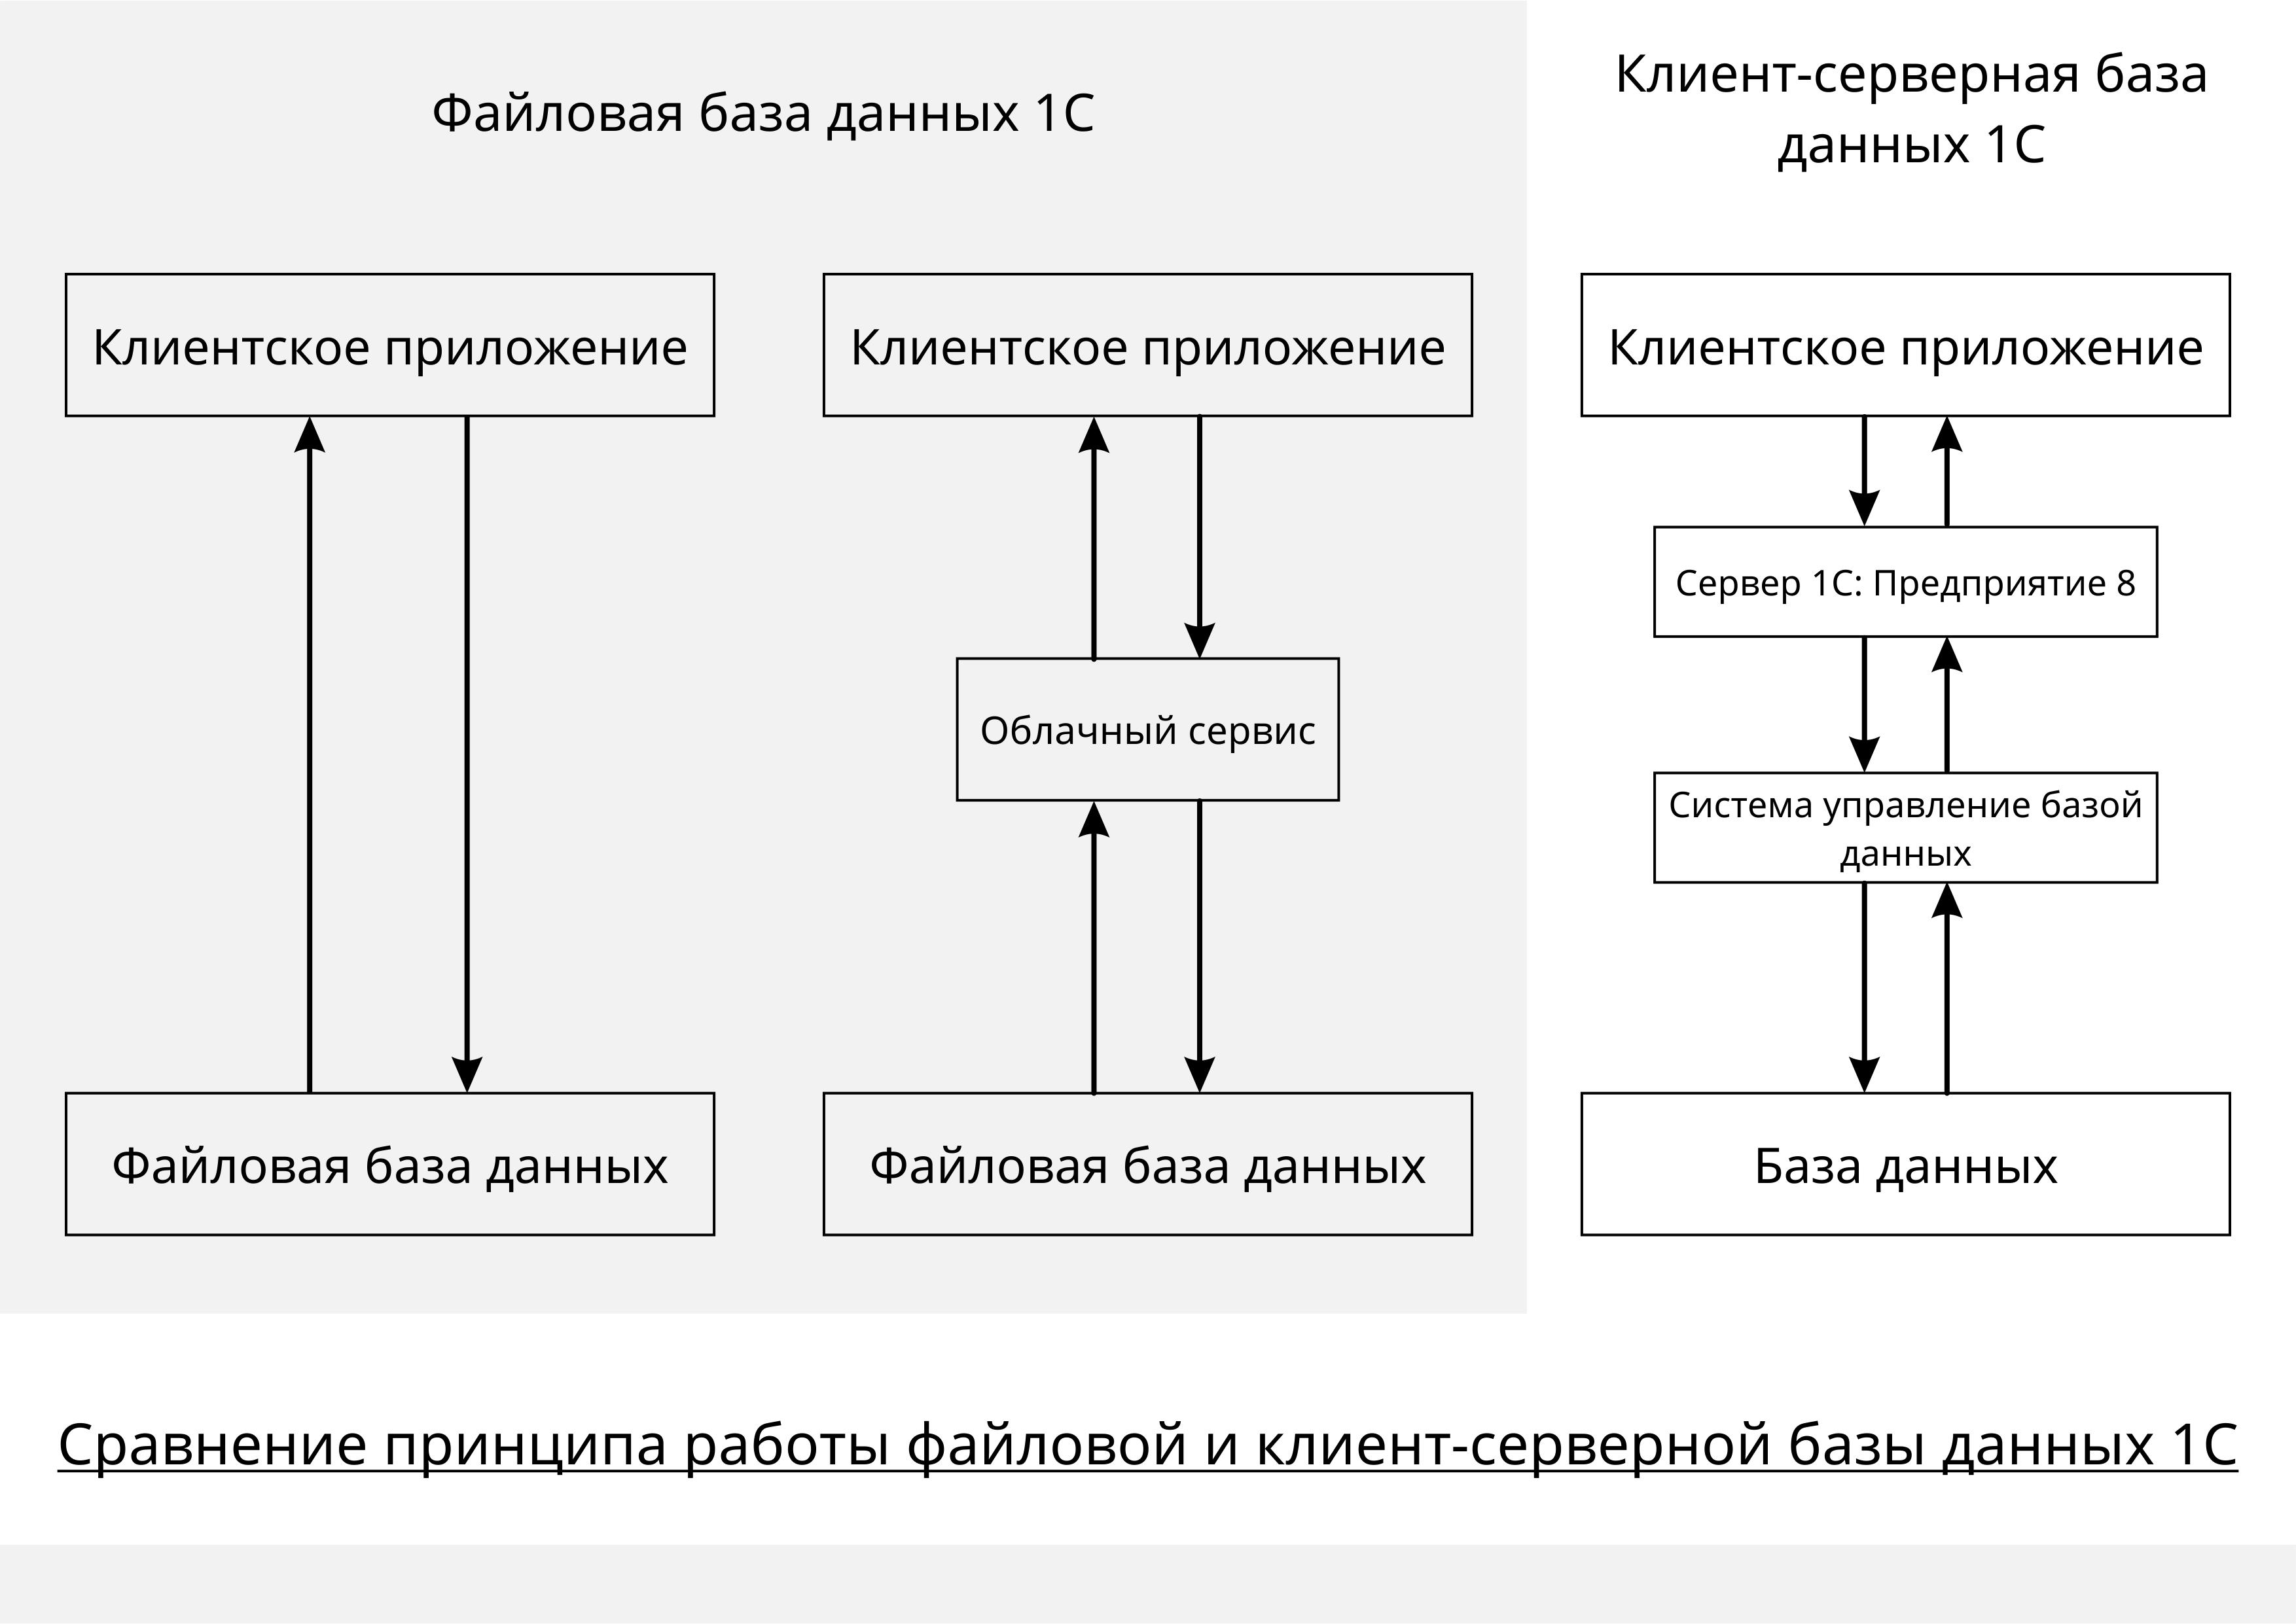 Принципы работы файловой и клиент серверной базы данных 1С